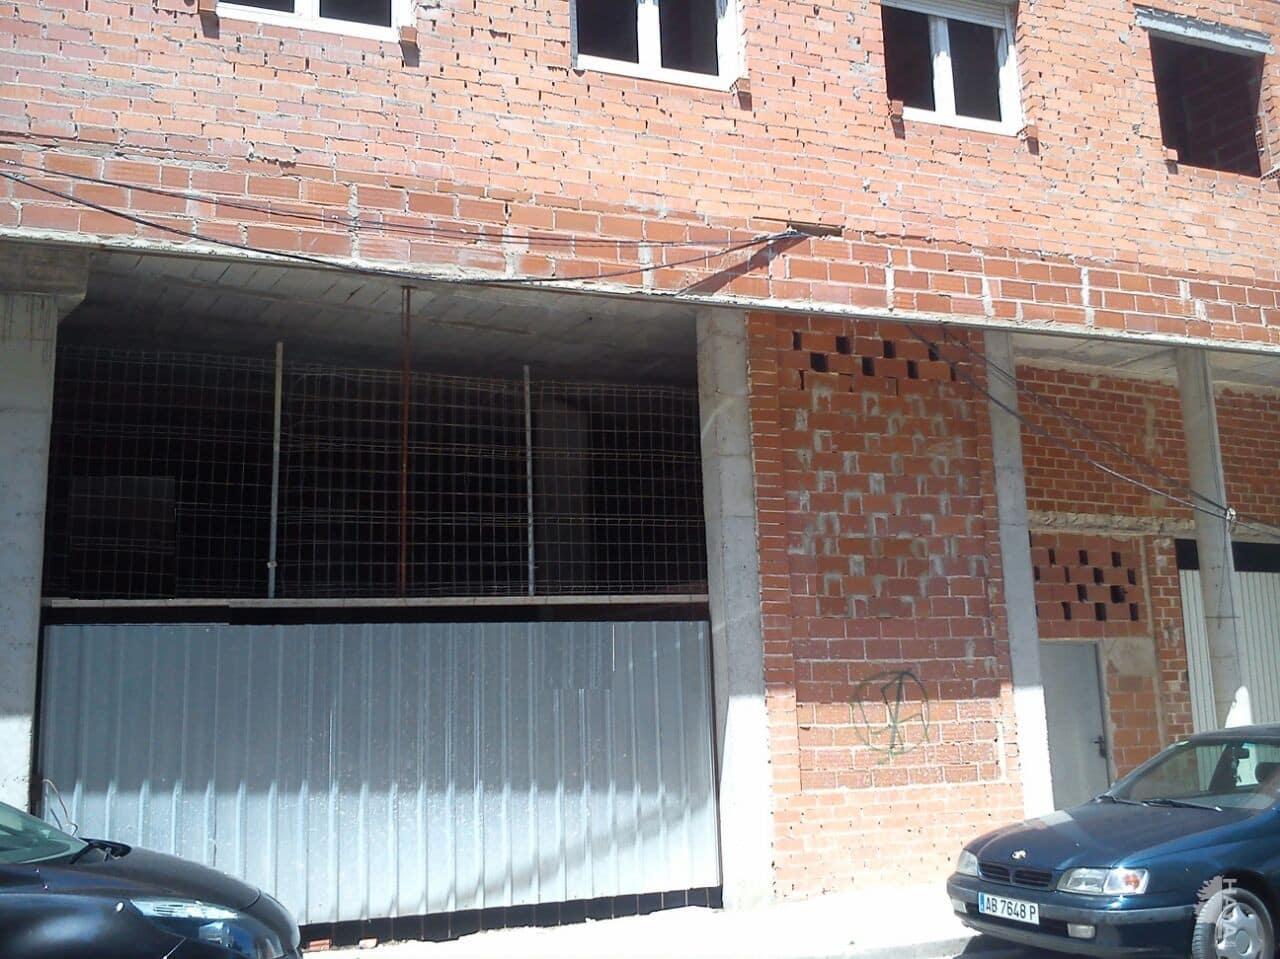 Piso en venta en La Roda, Albacete, Calle Juan Garcia Glz, 54.800 €, 1 habitación, 1 baño, 135 m2